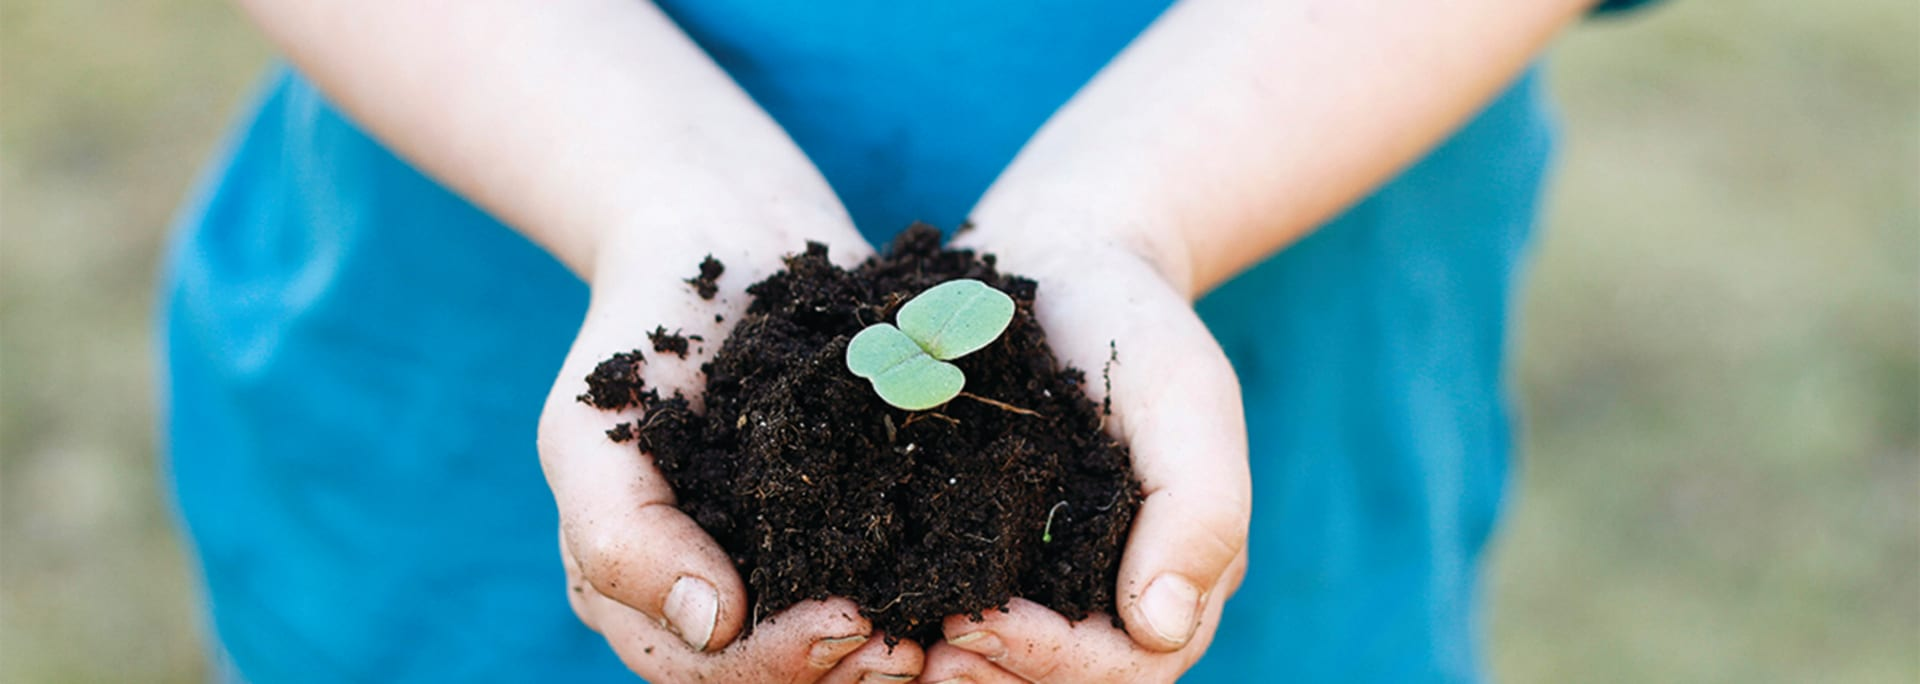 Barnhänder håller i jord med växt